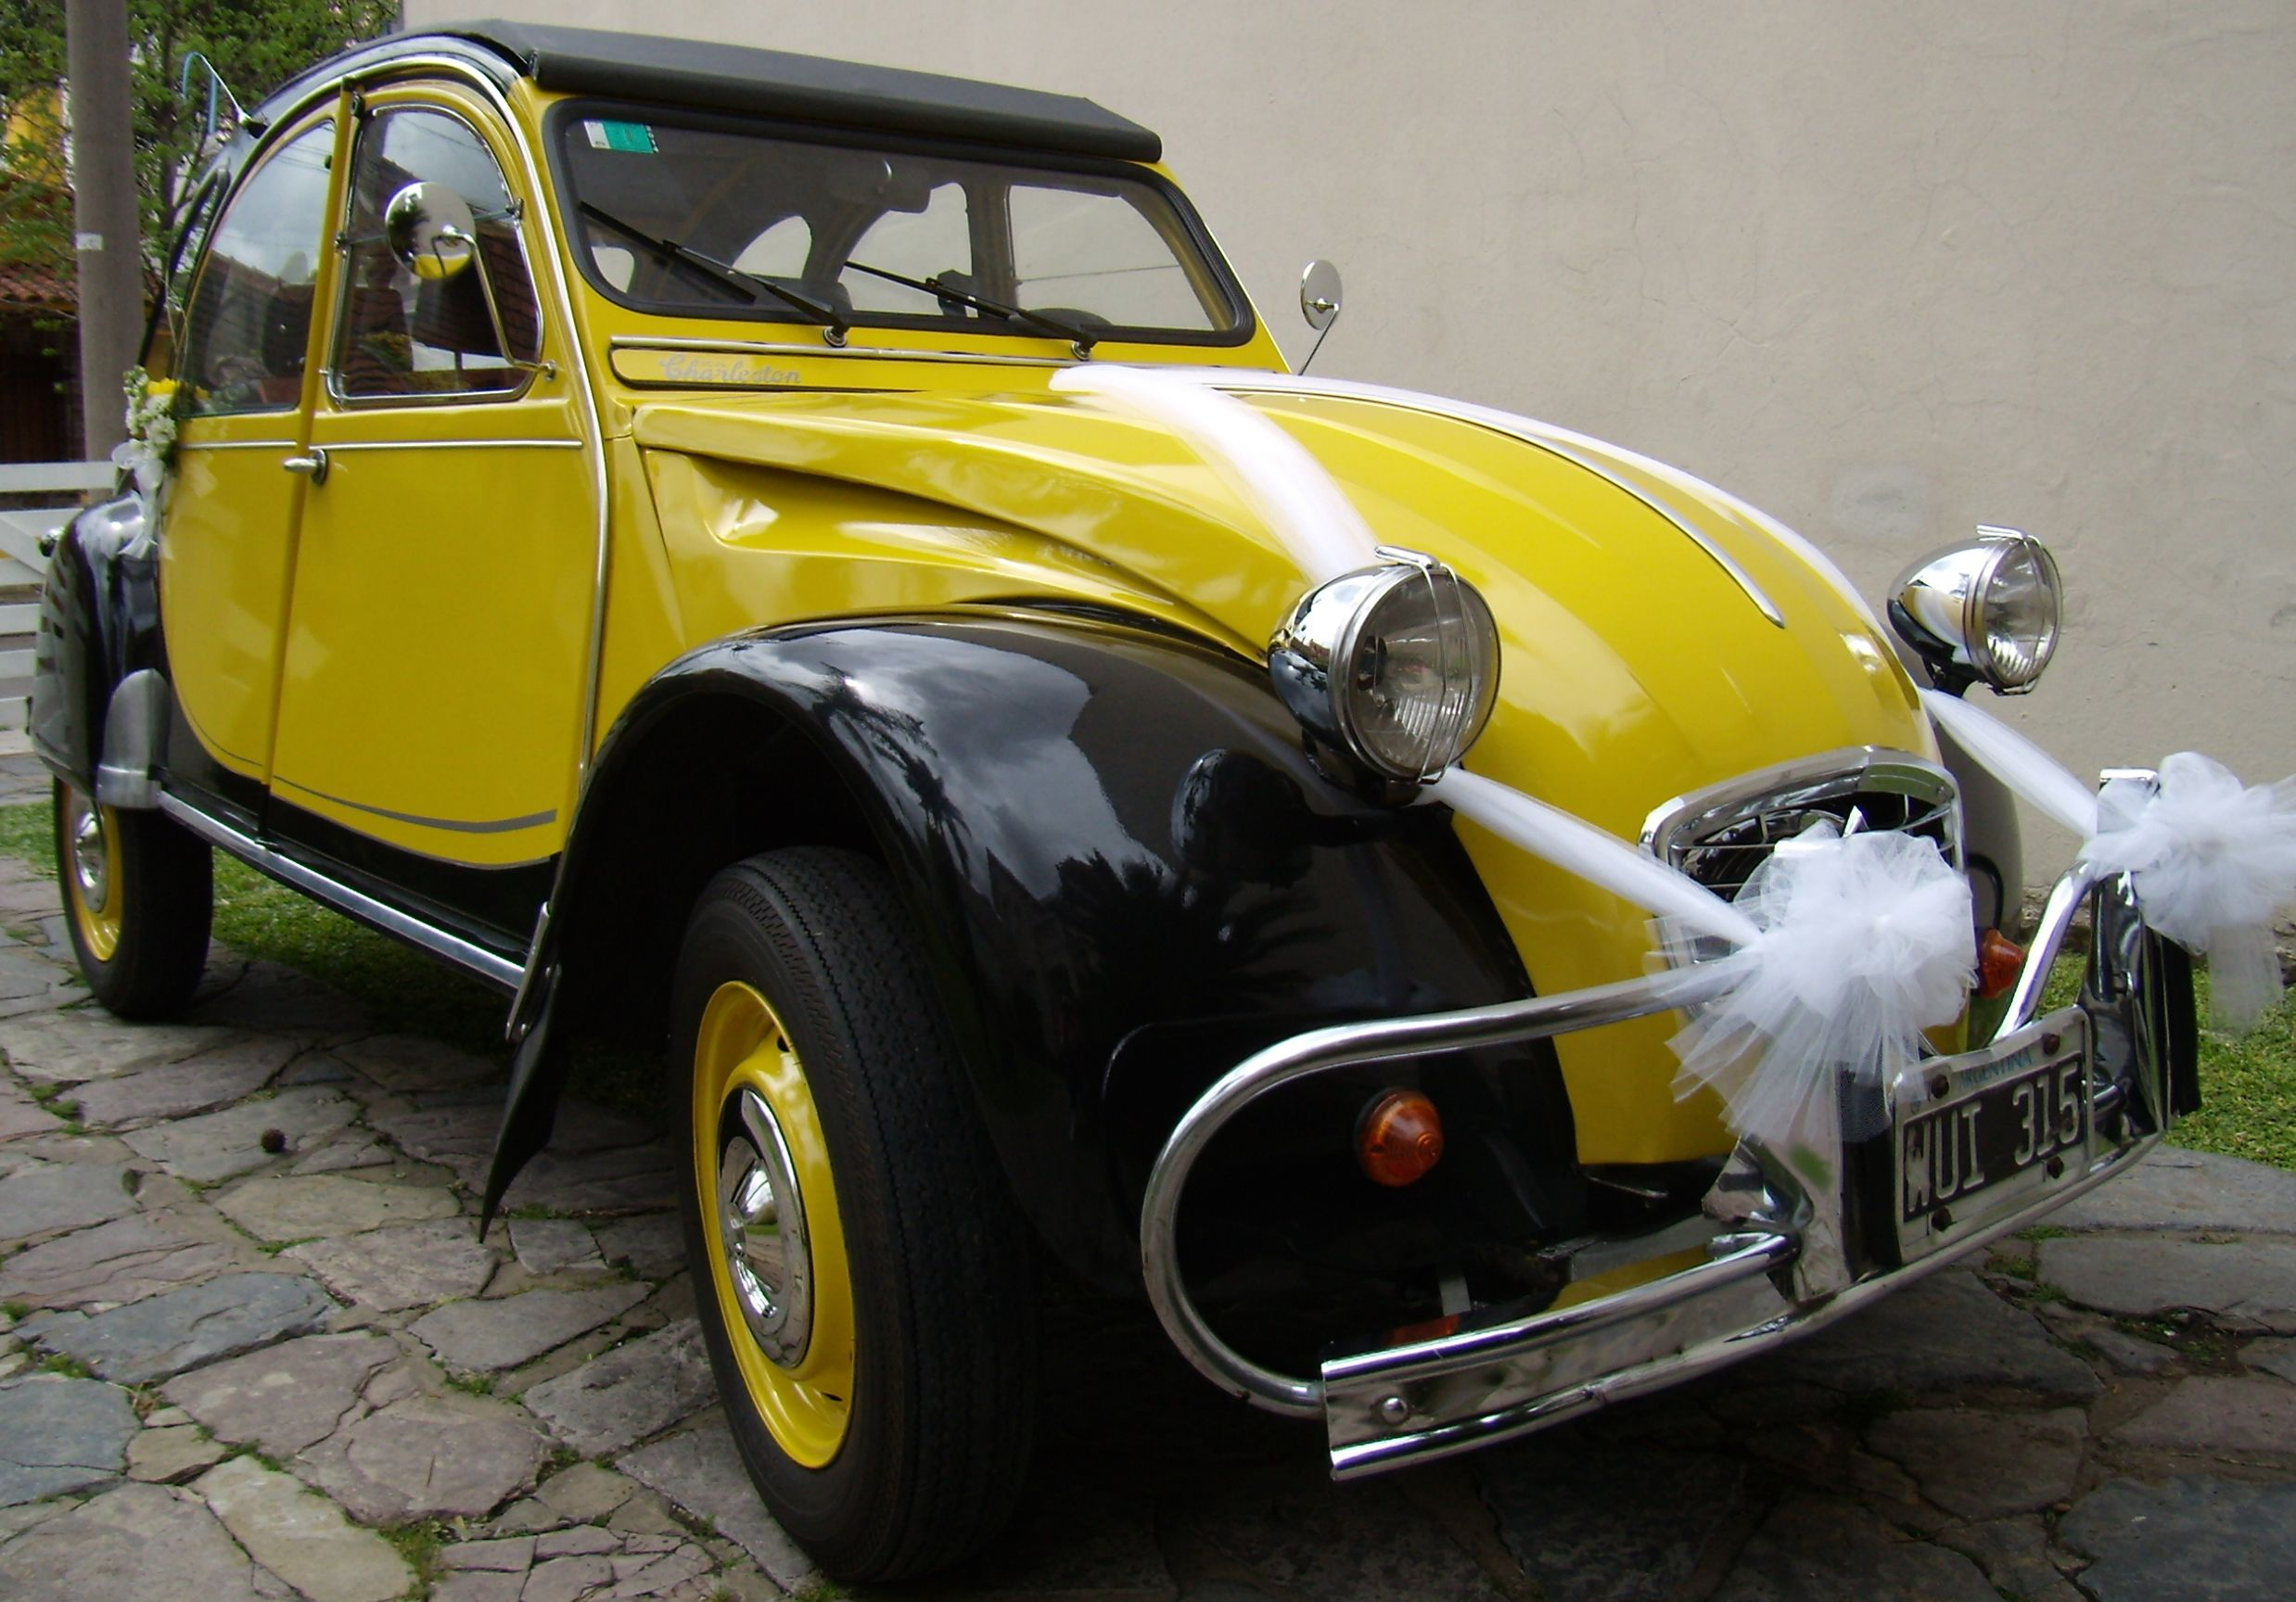 Autos Antiguos Autos Clasicos Autos Coleccion Autos Epoca Citroen 3cv Autos Autos Antiguos